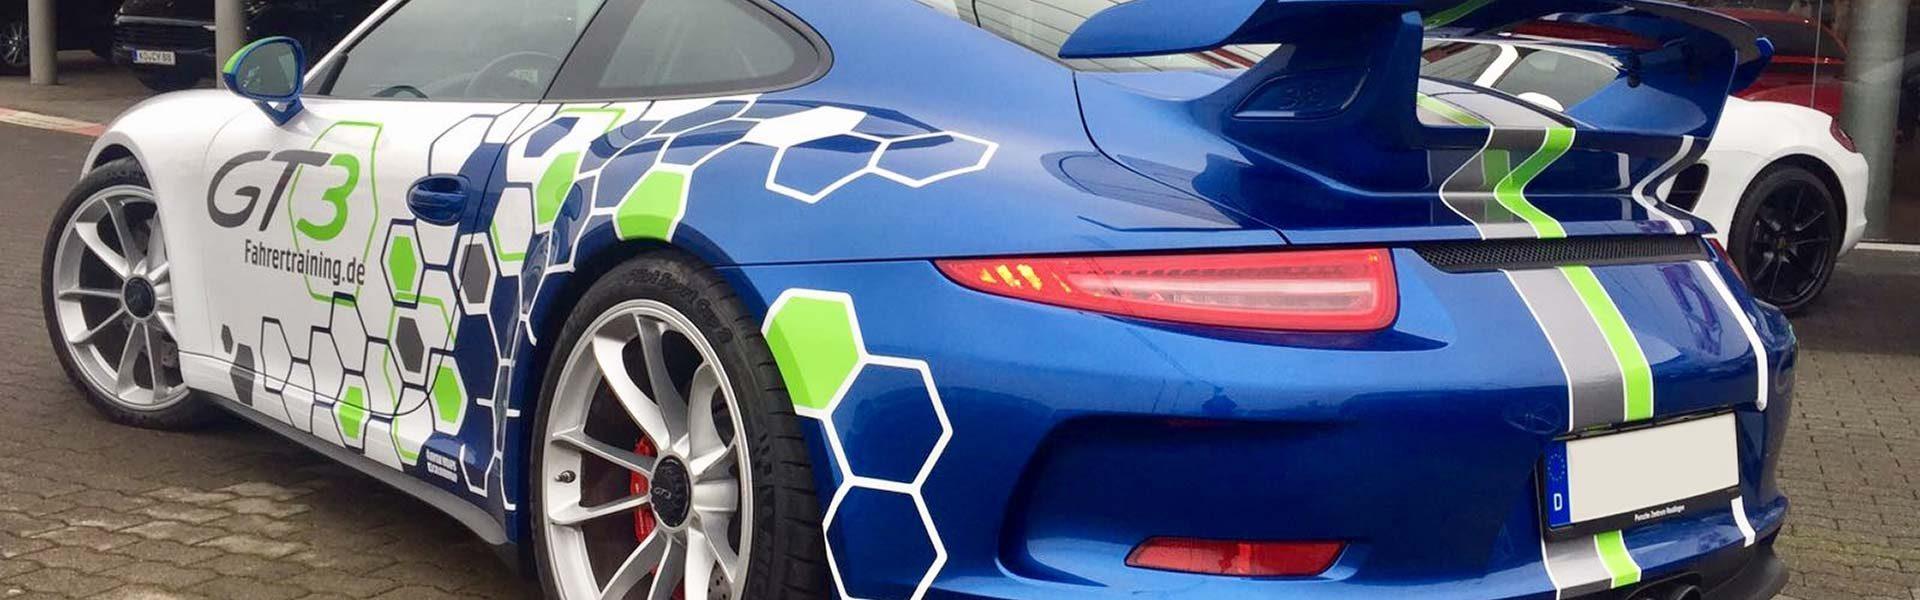 GT3-Fahrertraining-Porsche-001